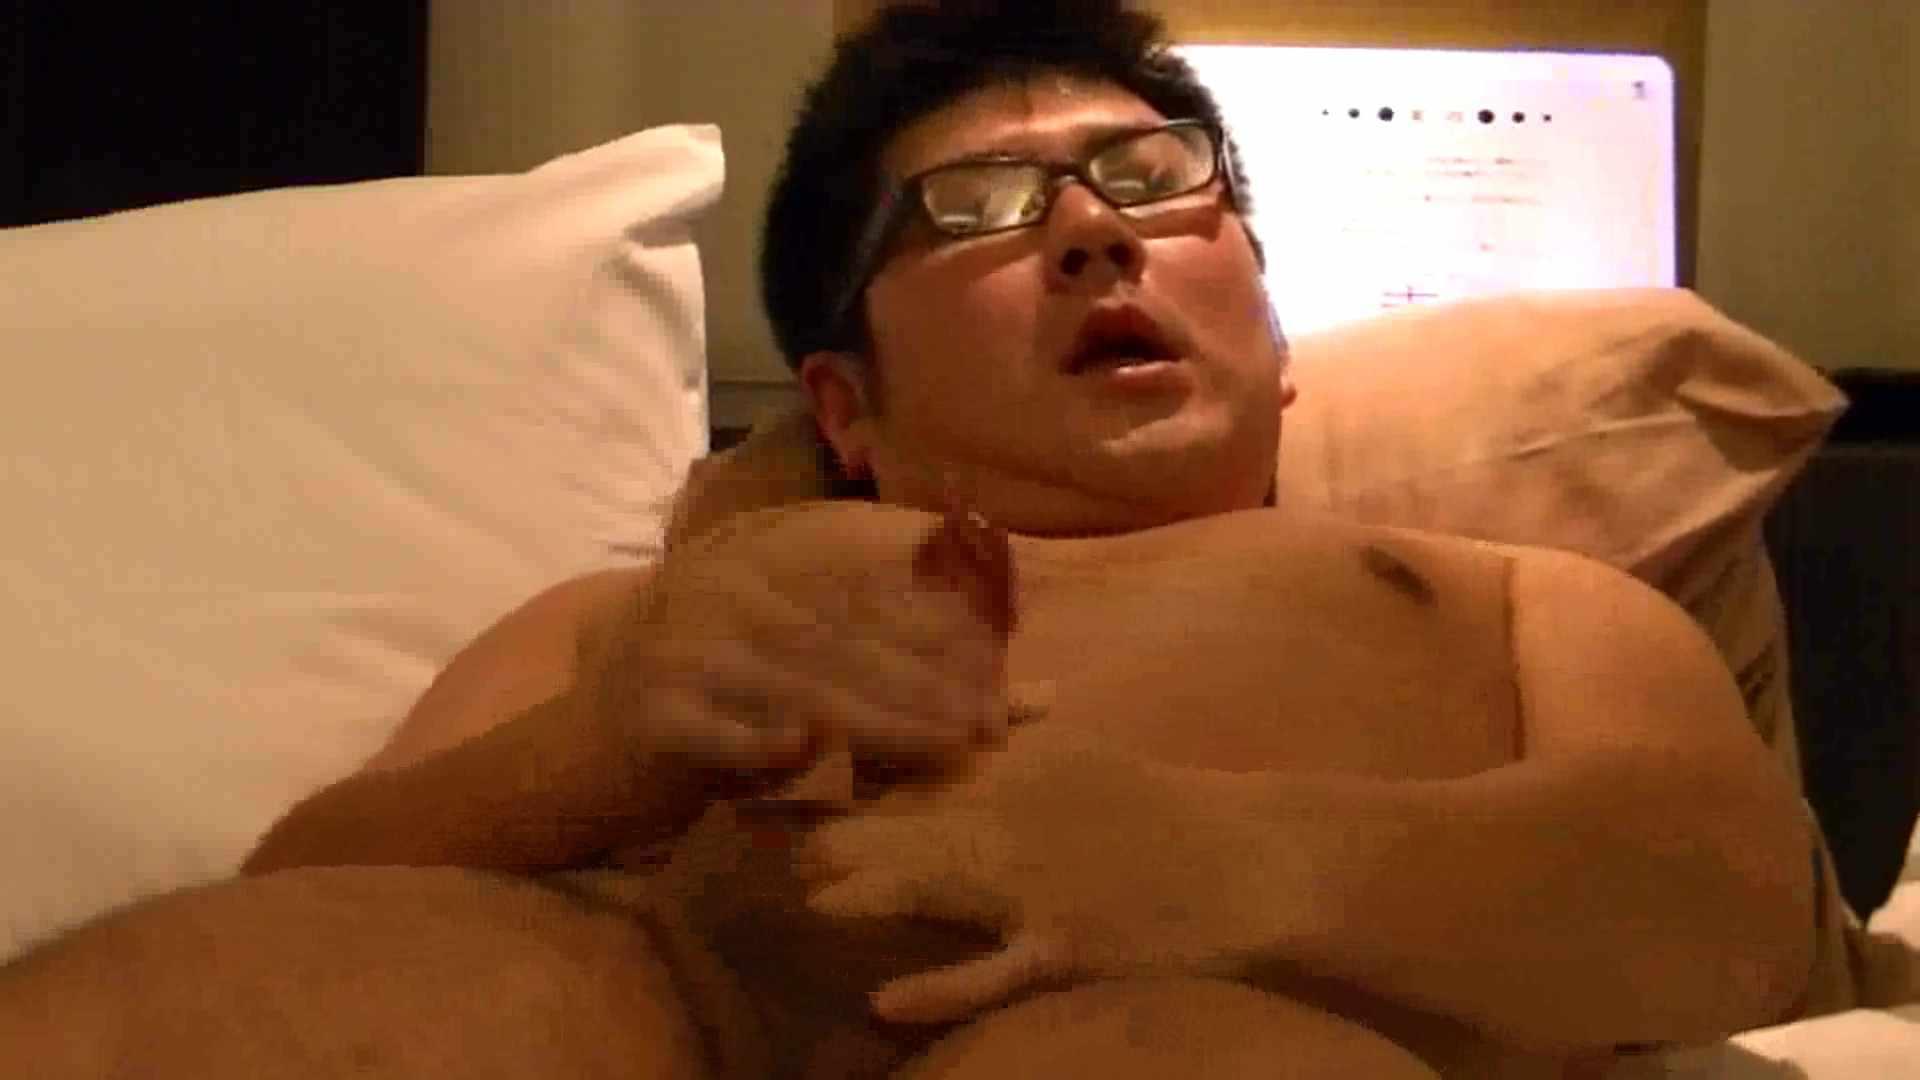 ONA見せカーニバル!! Vol5 メンズのエッチ   オナニー専門男子  81画像 81